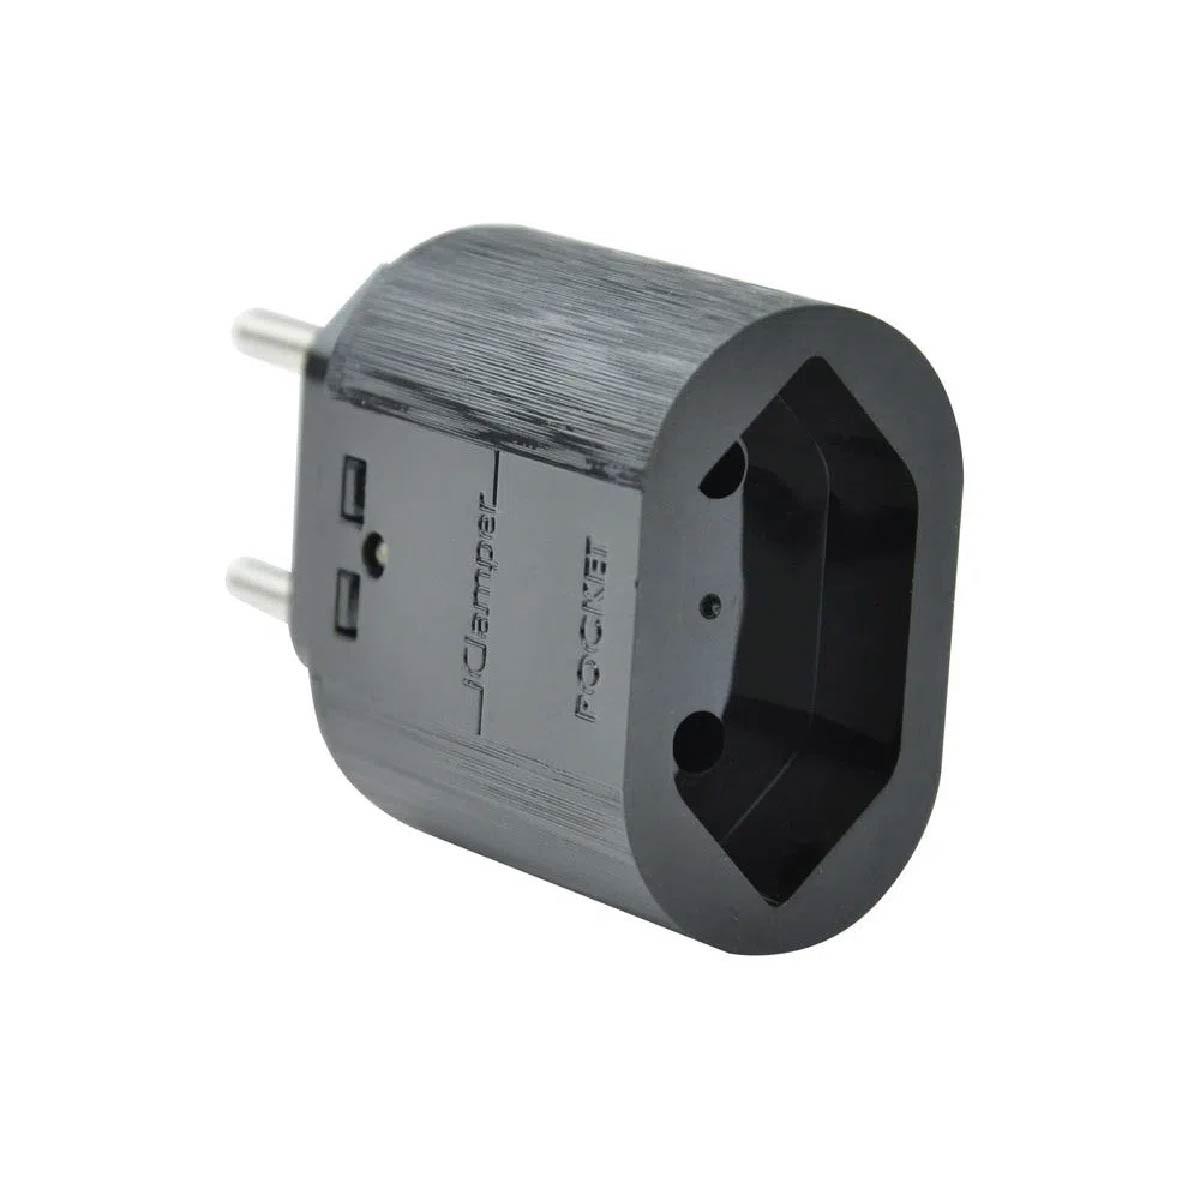 Protetor Clamper Pocket Dps 2 Pinos 10a Proteção contra Surto e Raios Preto